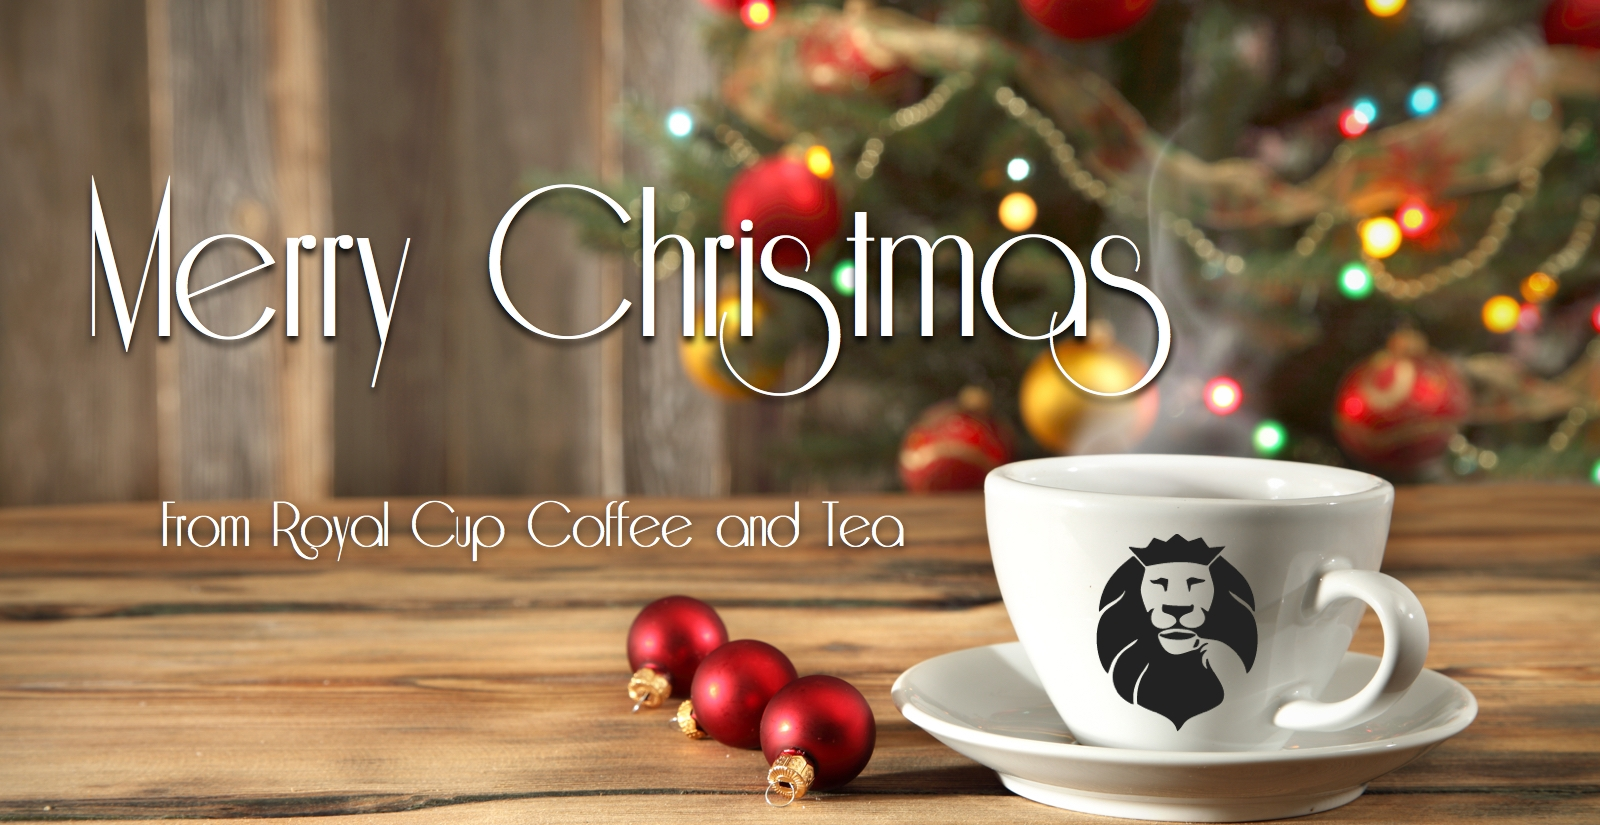 С наступающими праздниками! Новым Годом 2018 и Рождеством!